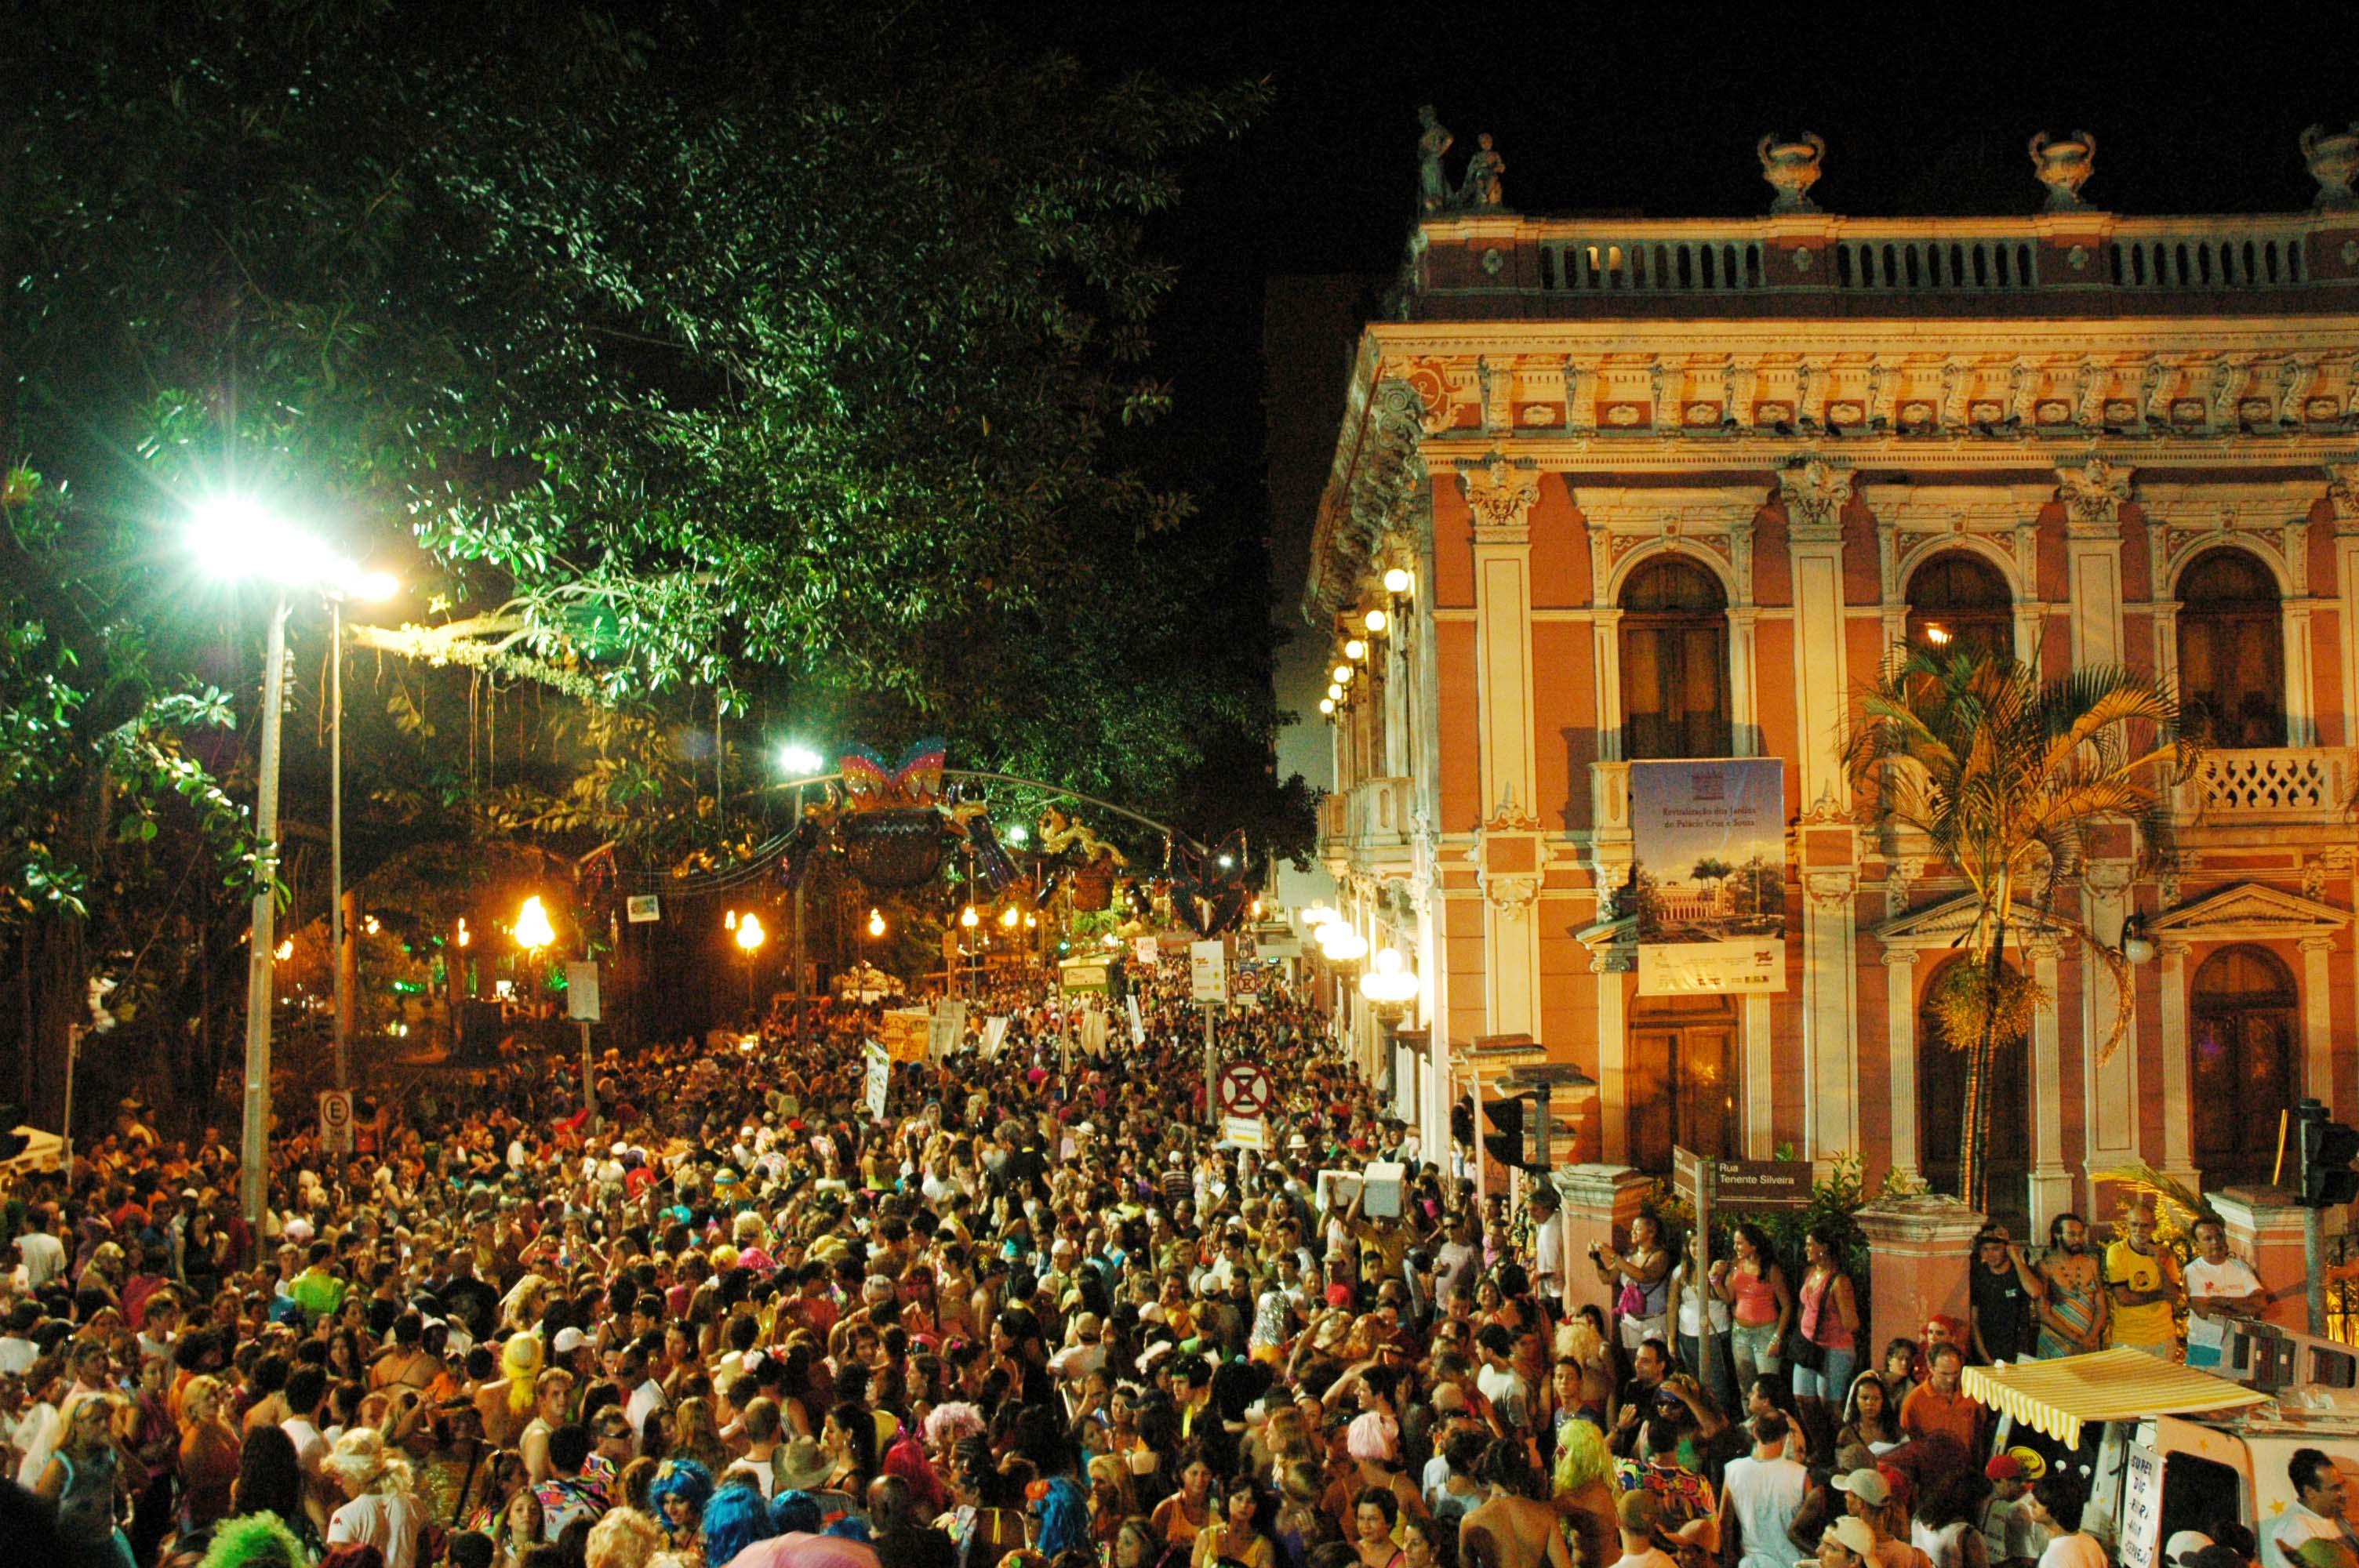 Carnaval de Florianópolis, Santa Catarina